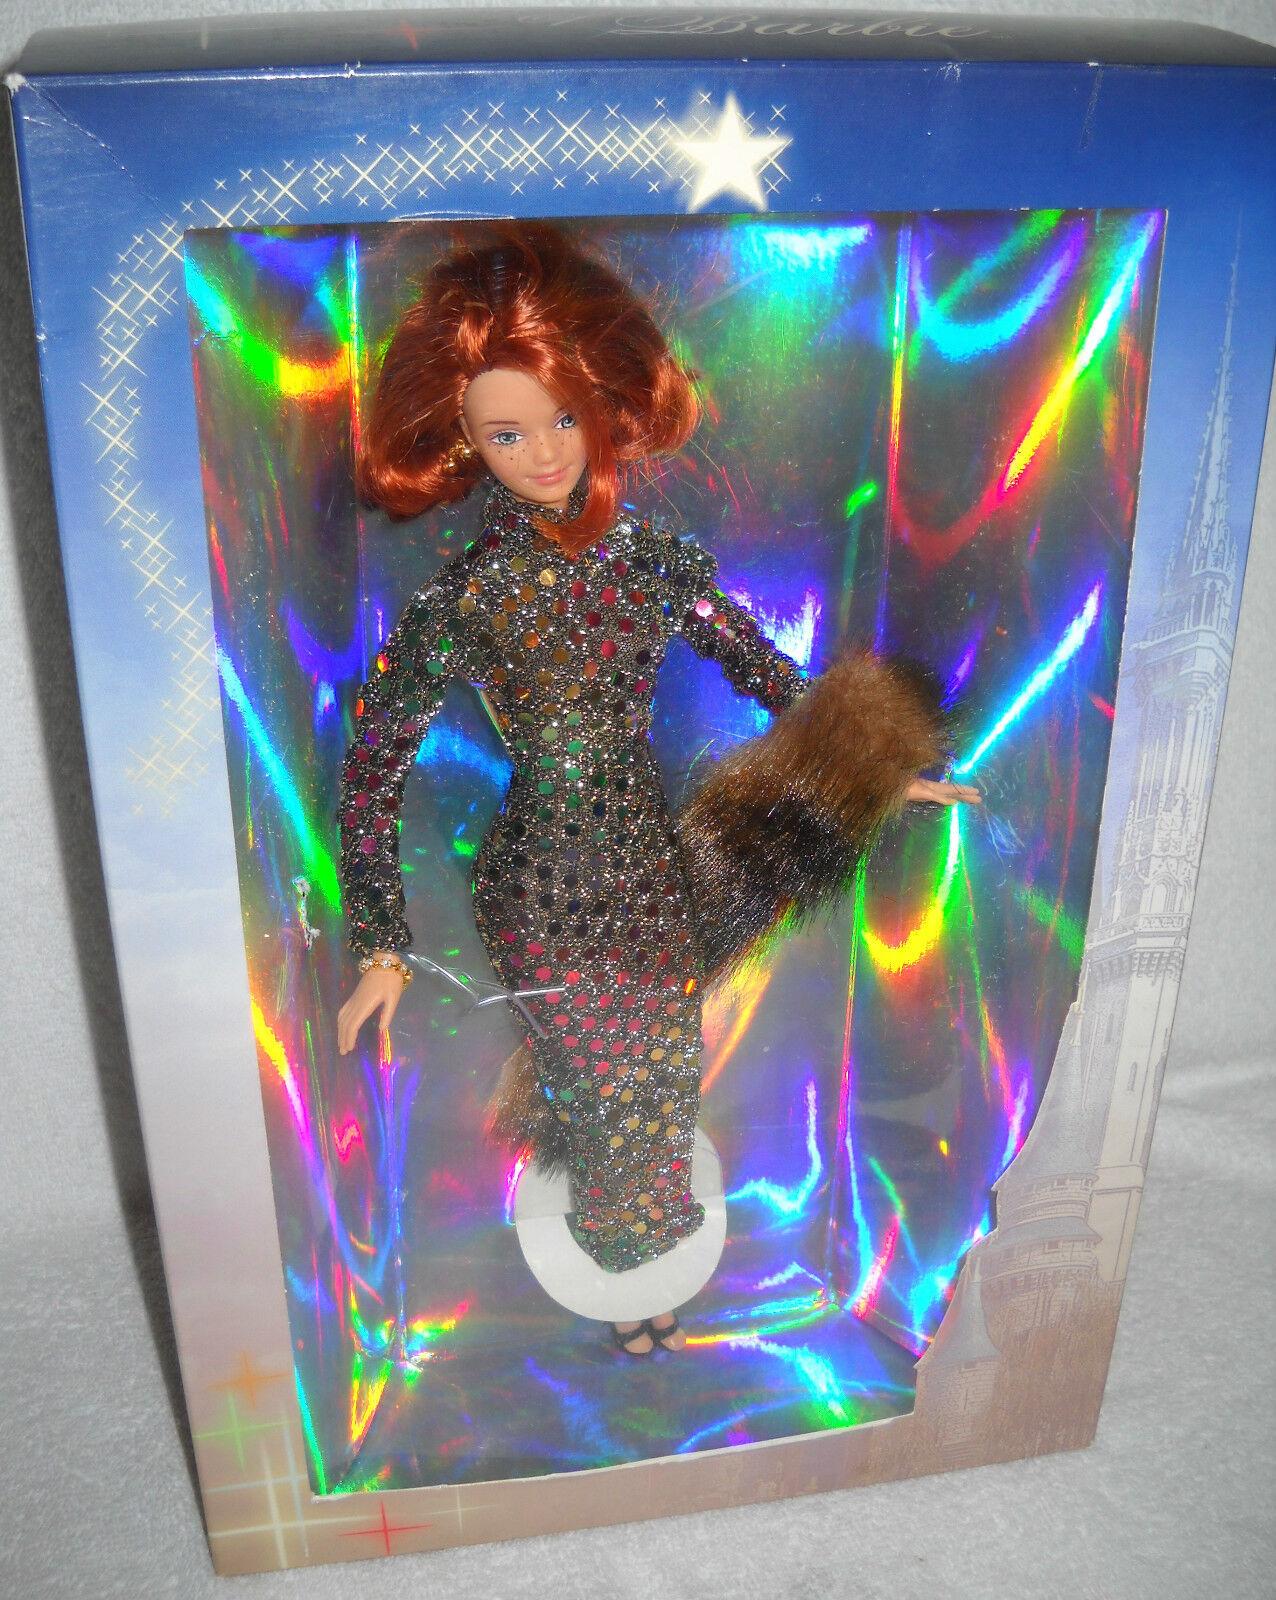 El mundo de la muñeca Barbie mosquito del convenio, Orlando, Florida